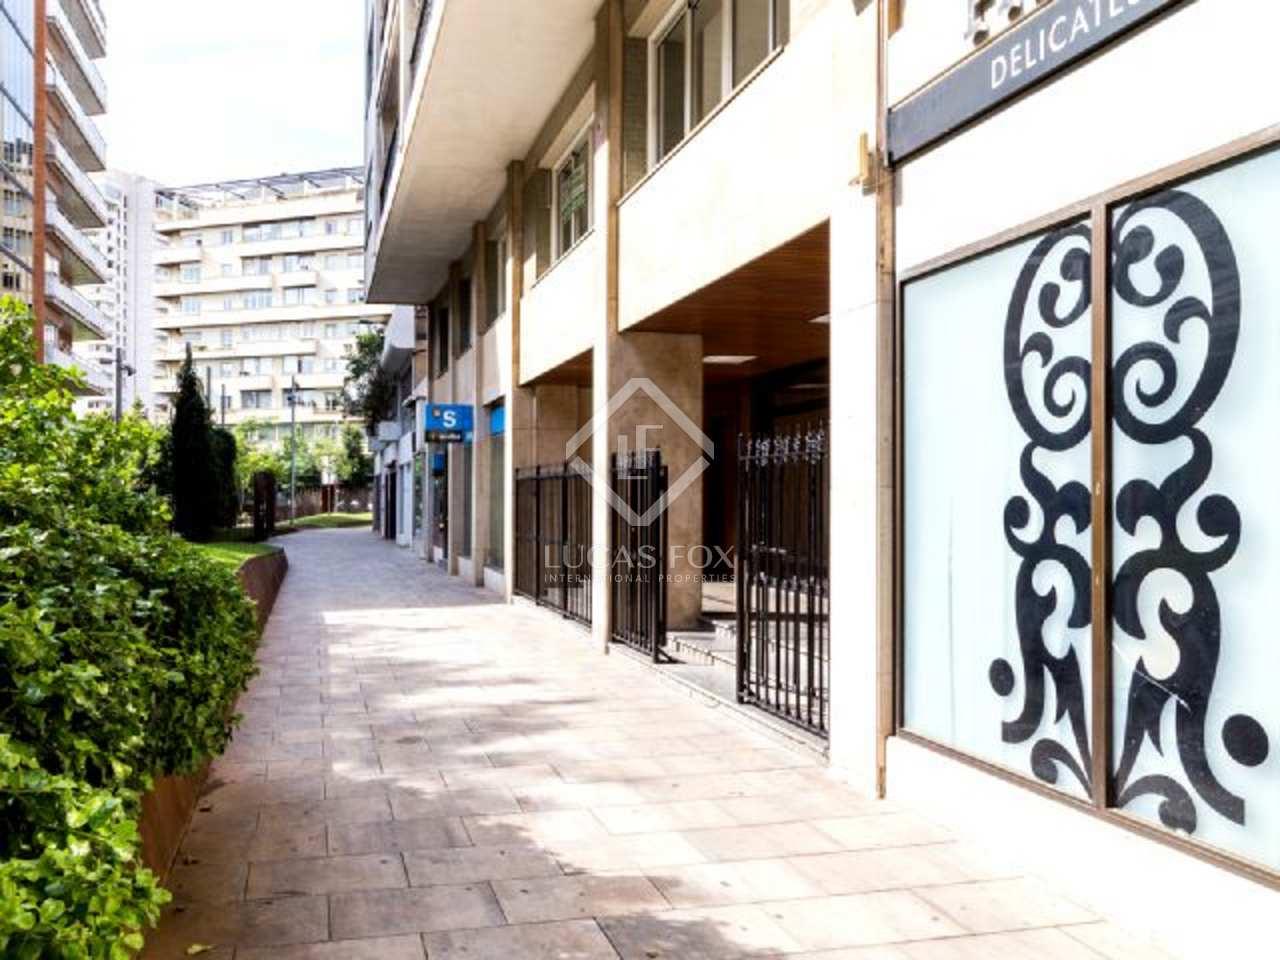 Apartment for sale in barcelona 39 s zona alta - Zona alta barcelona ...